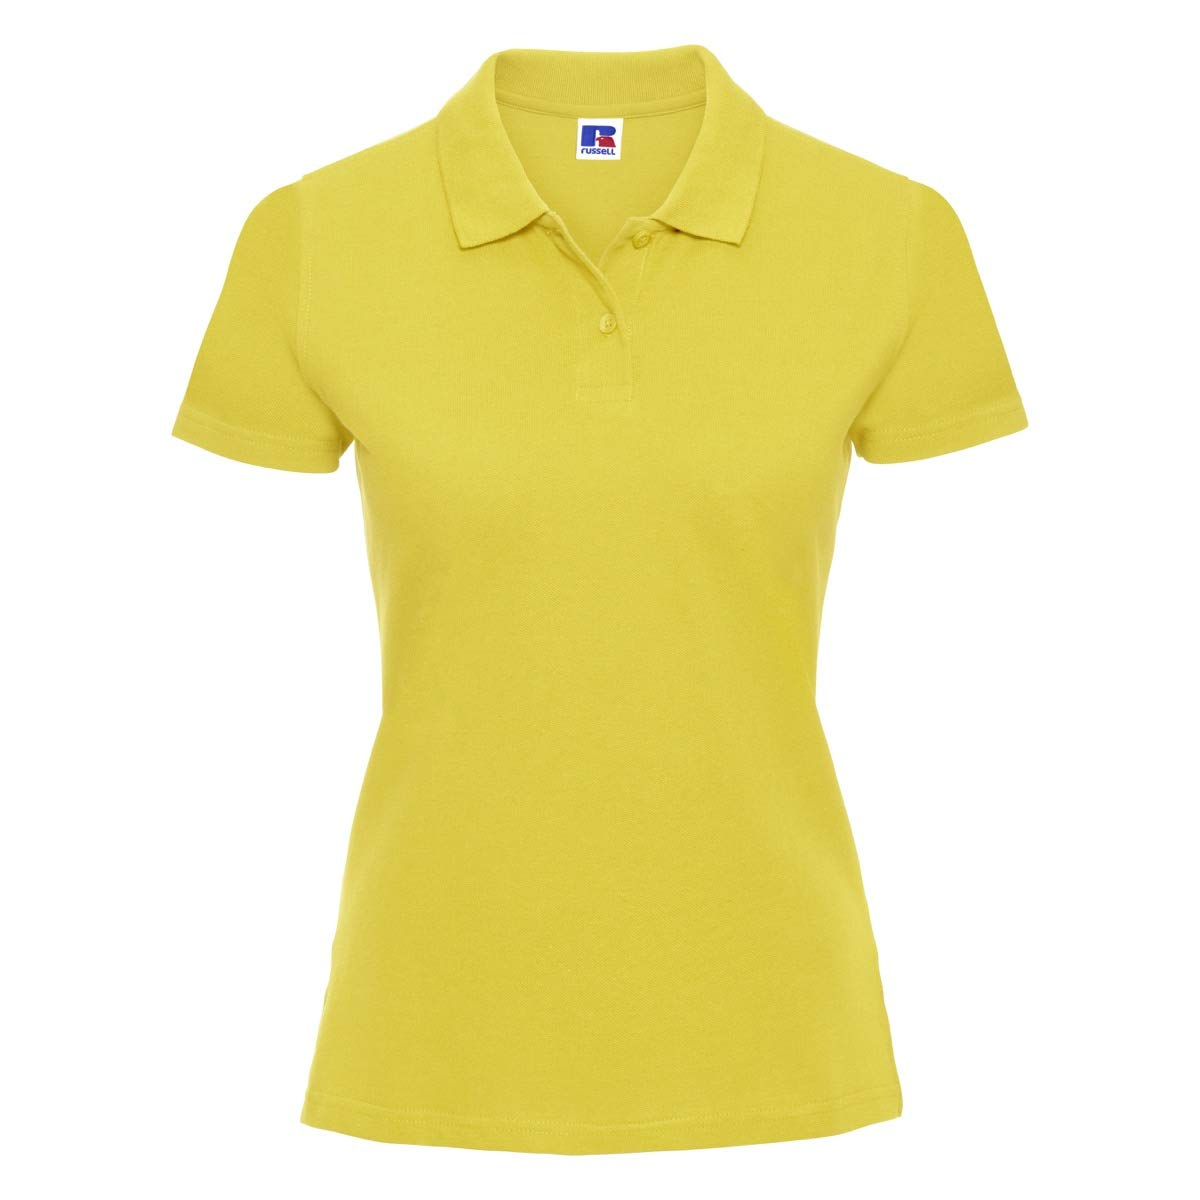 CHEMAGLIETTE Polo da Lavoro Donna Maglietta T-Shirt con Colletto 2 Bottoni Cotone Russel